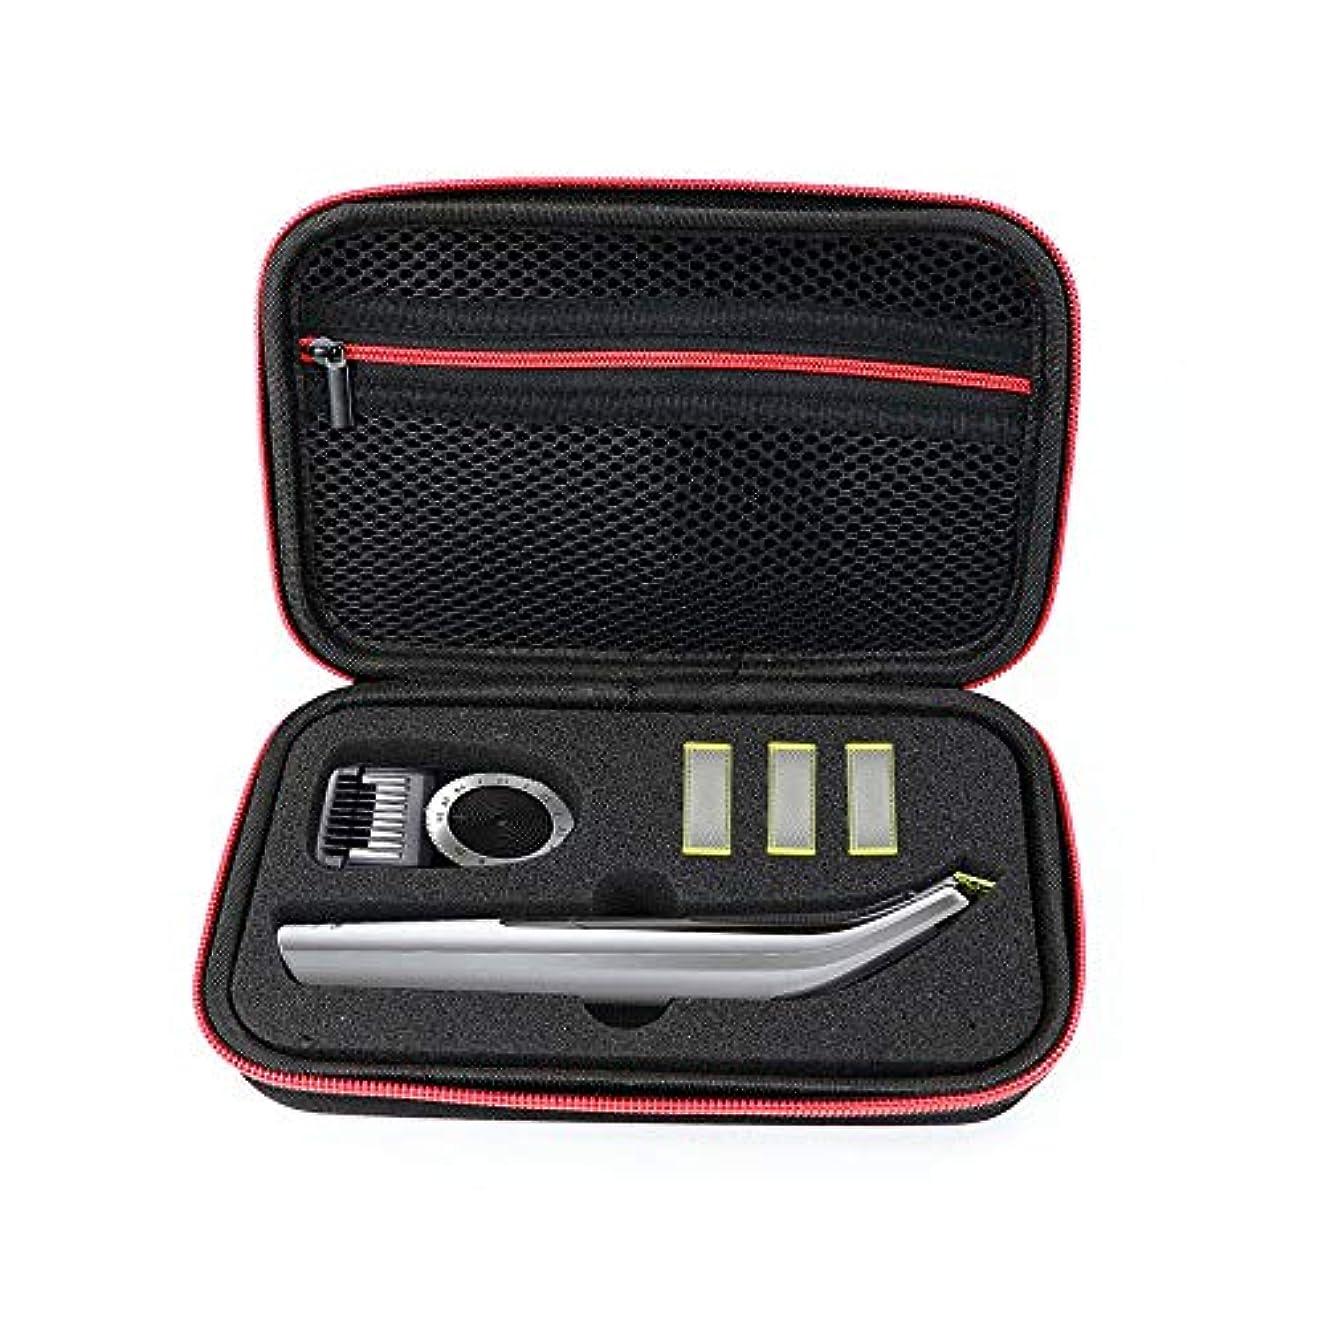 レタッチパネルダイジェストZBRGX OneBlade Pro QP150トラベルケースフィリップス電気かみそりケース QP6520 QP6510用ポータブル収納袋 防塵 防水 耐衝撃 キャリングケース 保護ポーチ (赤)